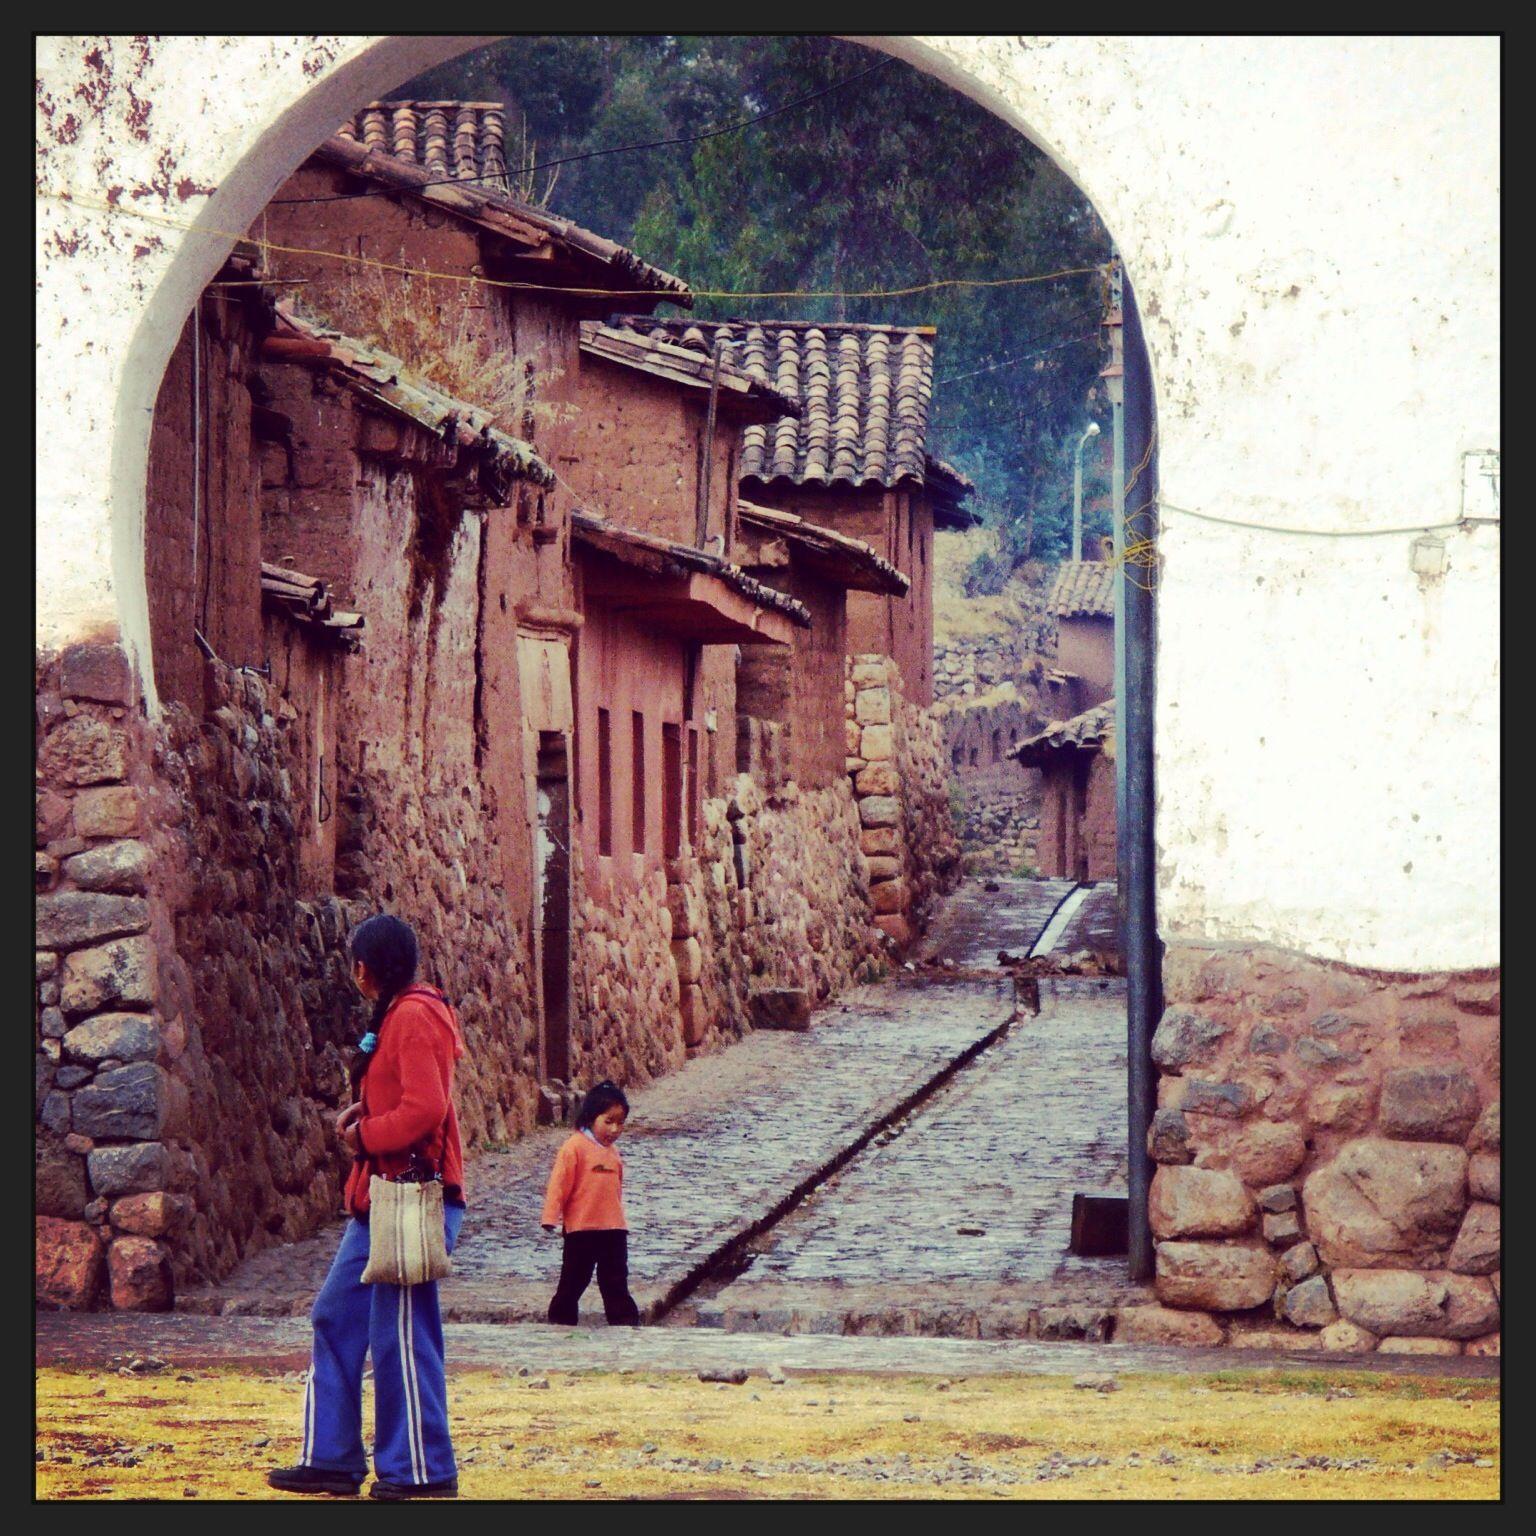 adobe homes in chinchero peru www finisterra ca travel peru